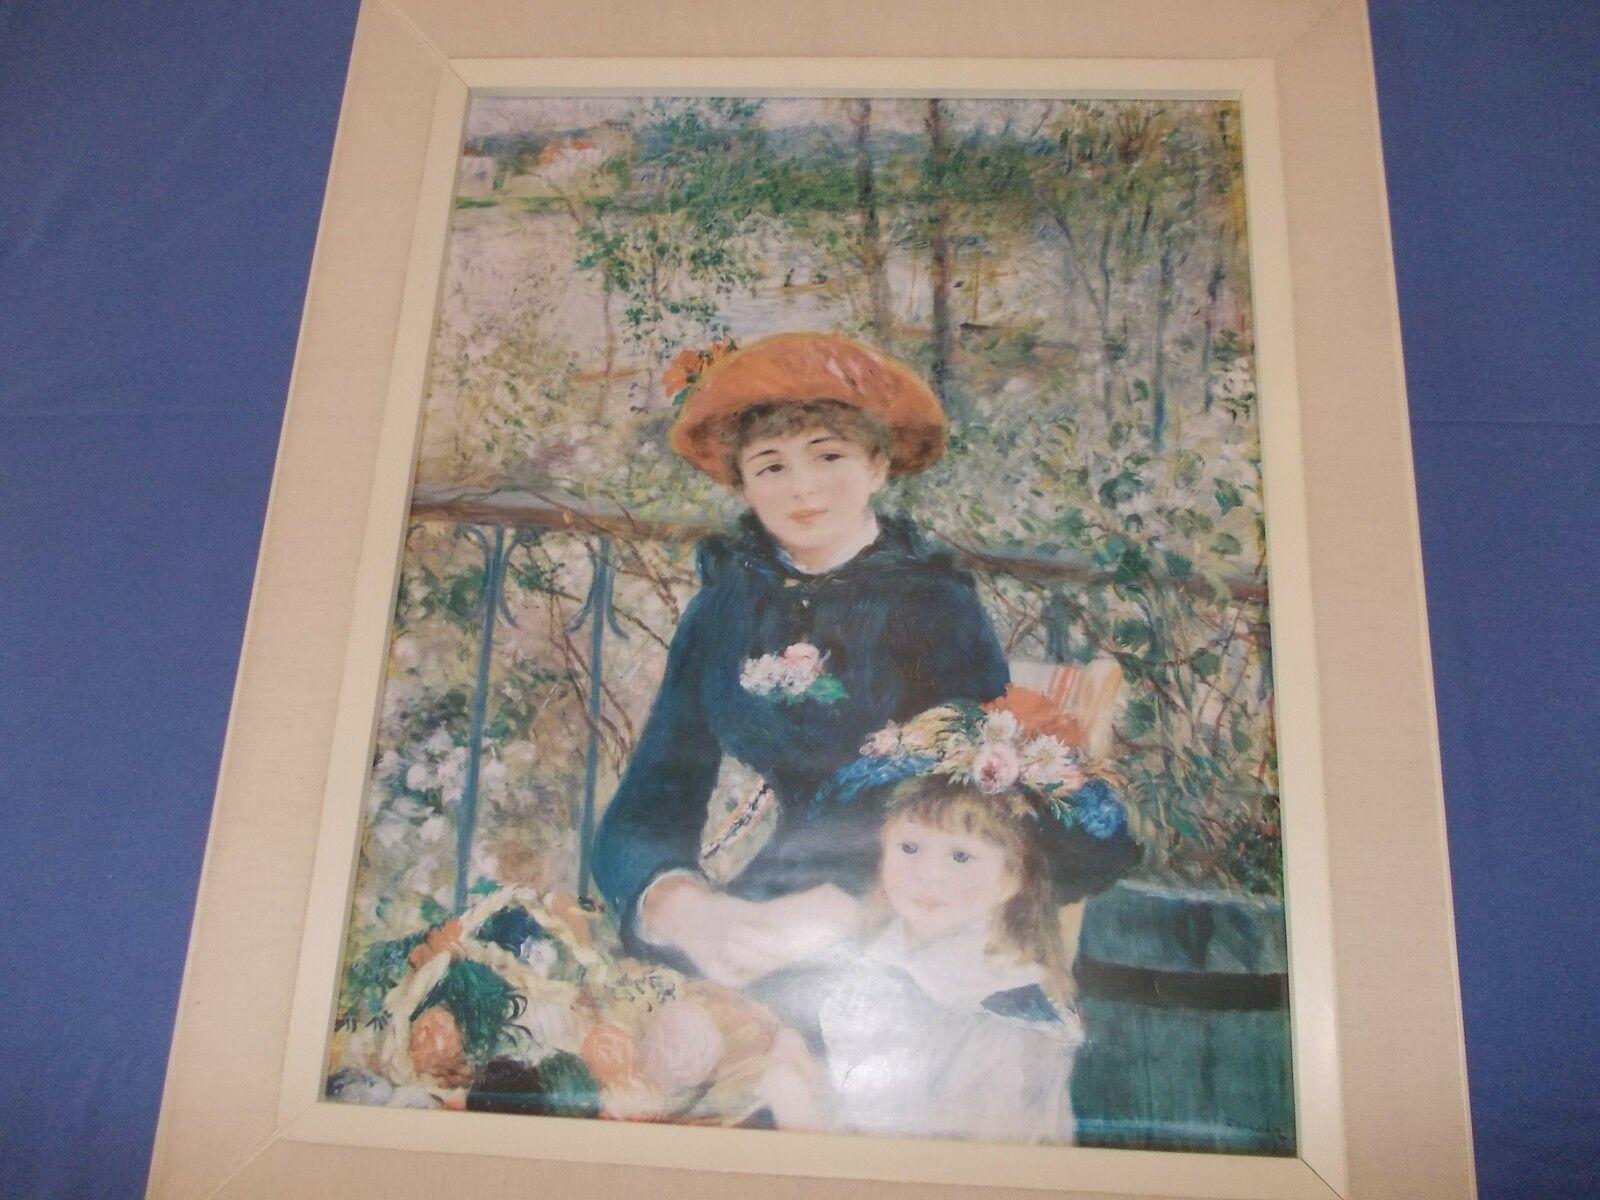 Mein Ebay Aktiv Kunstdruck Malerei Impressionismus